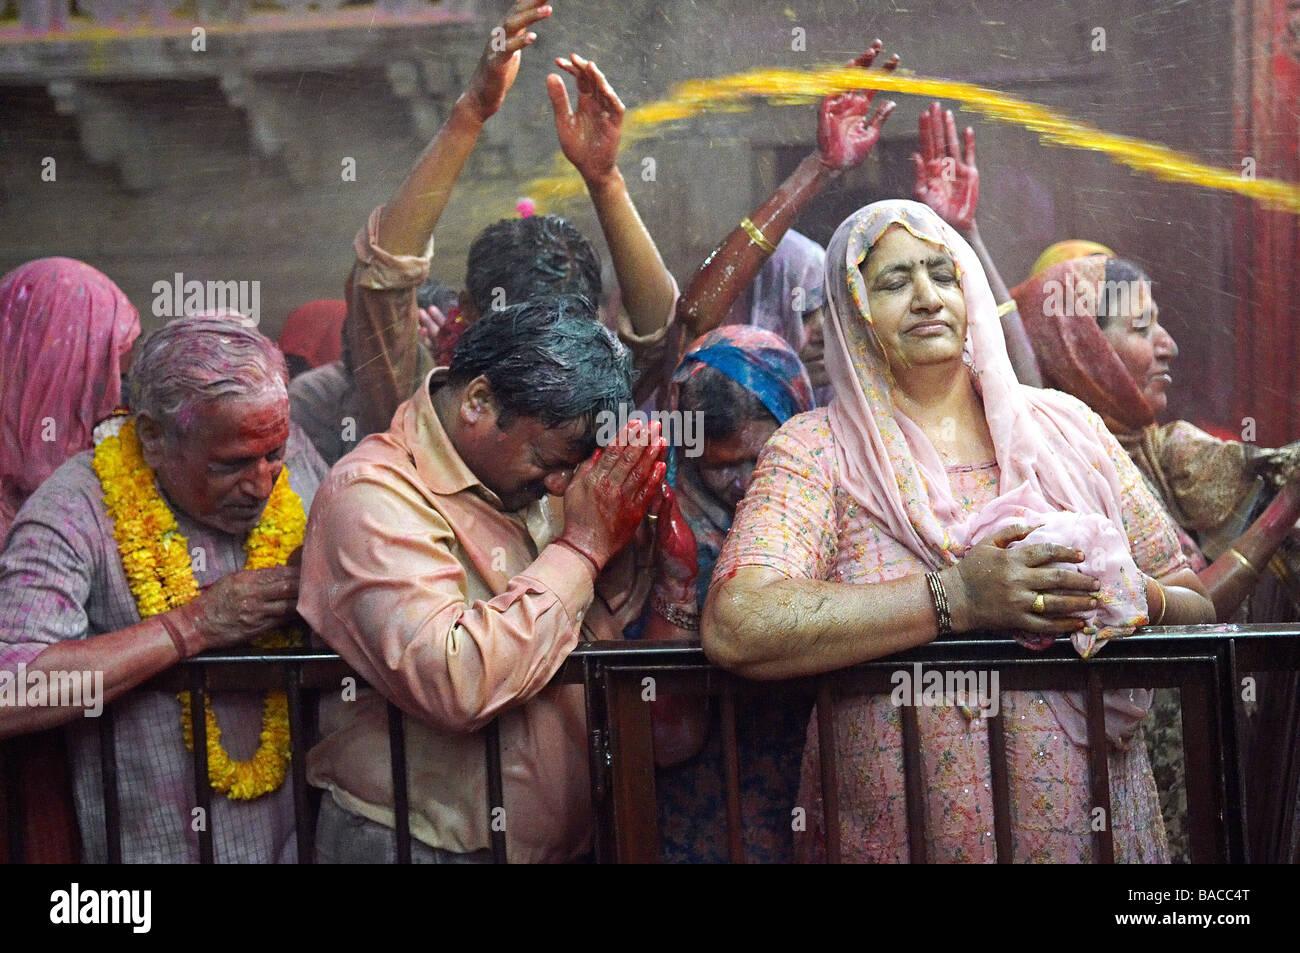 La India, Uttar Pradesh, templo dedicado al dios Krishna, Holi Festival, el color y la fiesta de la primaveraFoto de stock